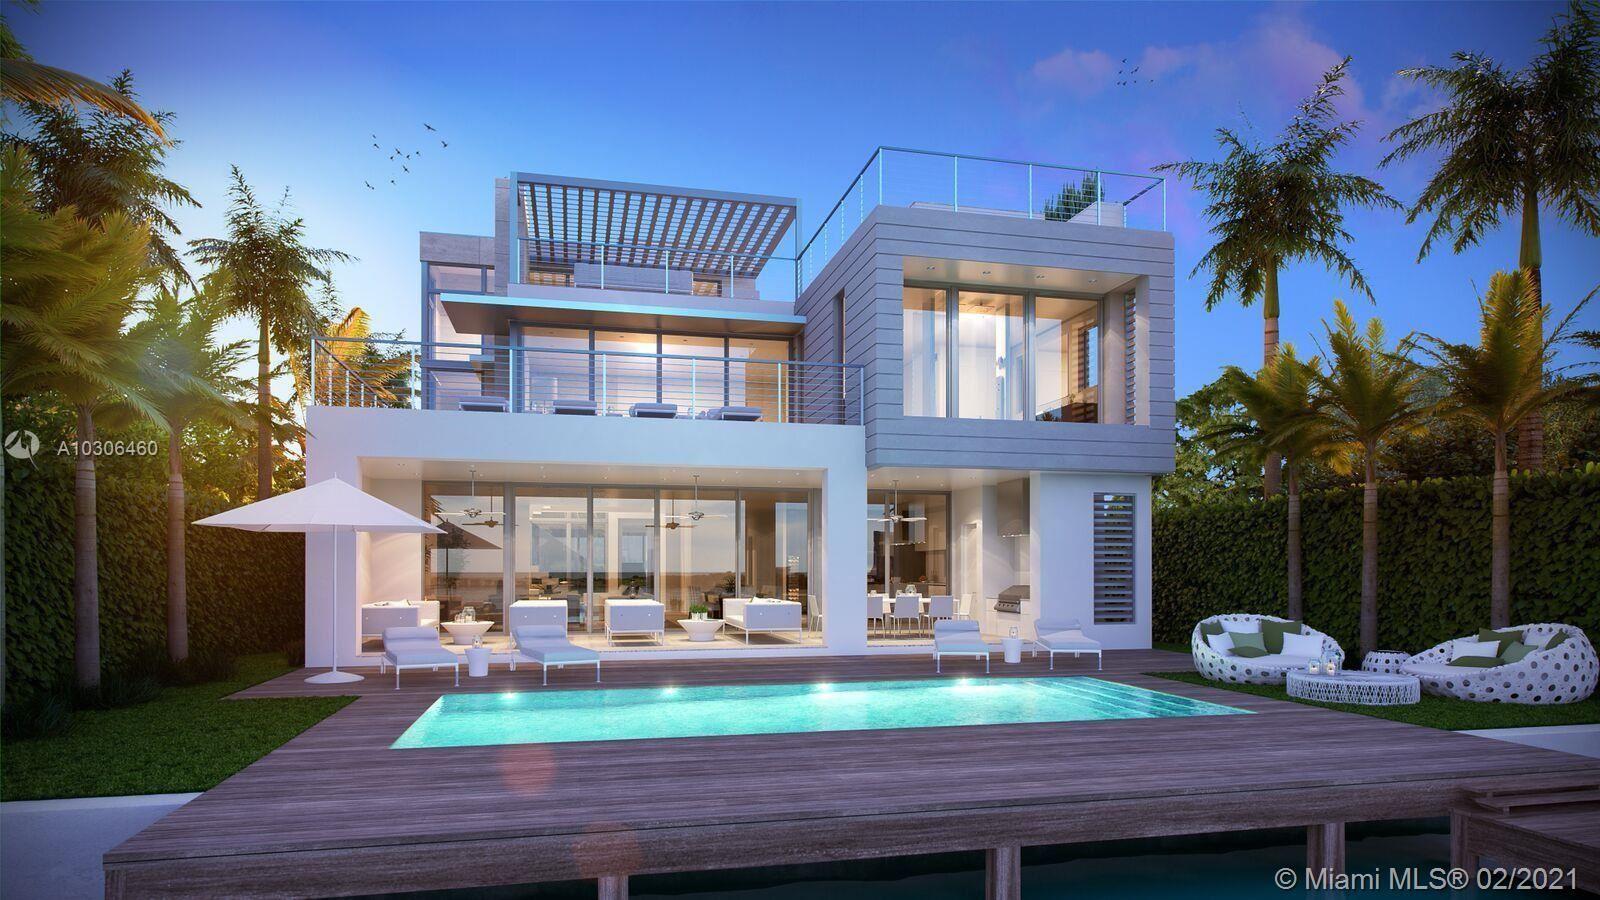 1045 N Venetian Drive, Miami Beach, FL 33139 - #: A10306460